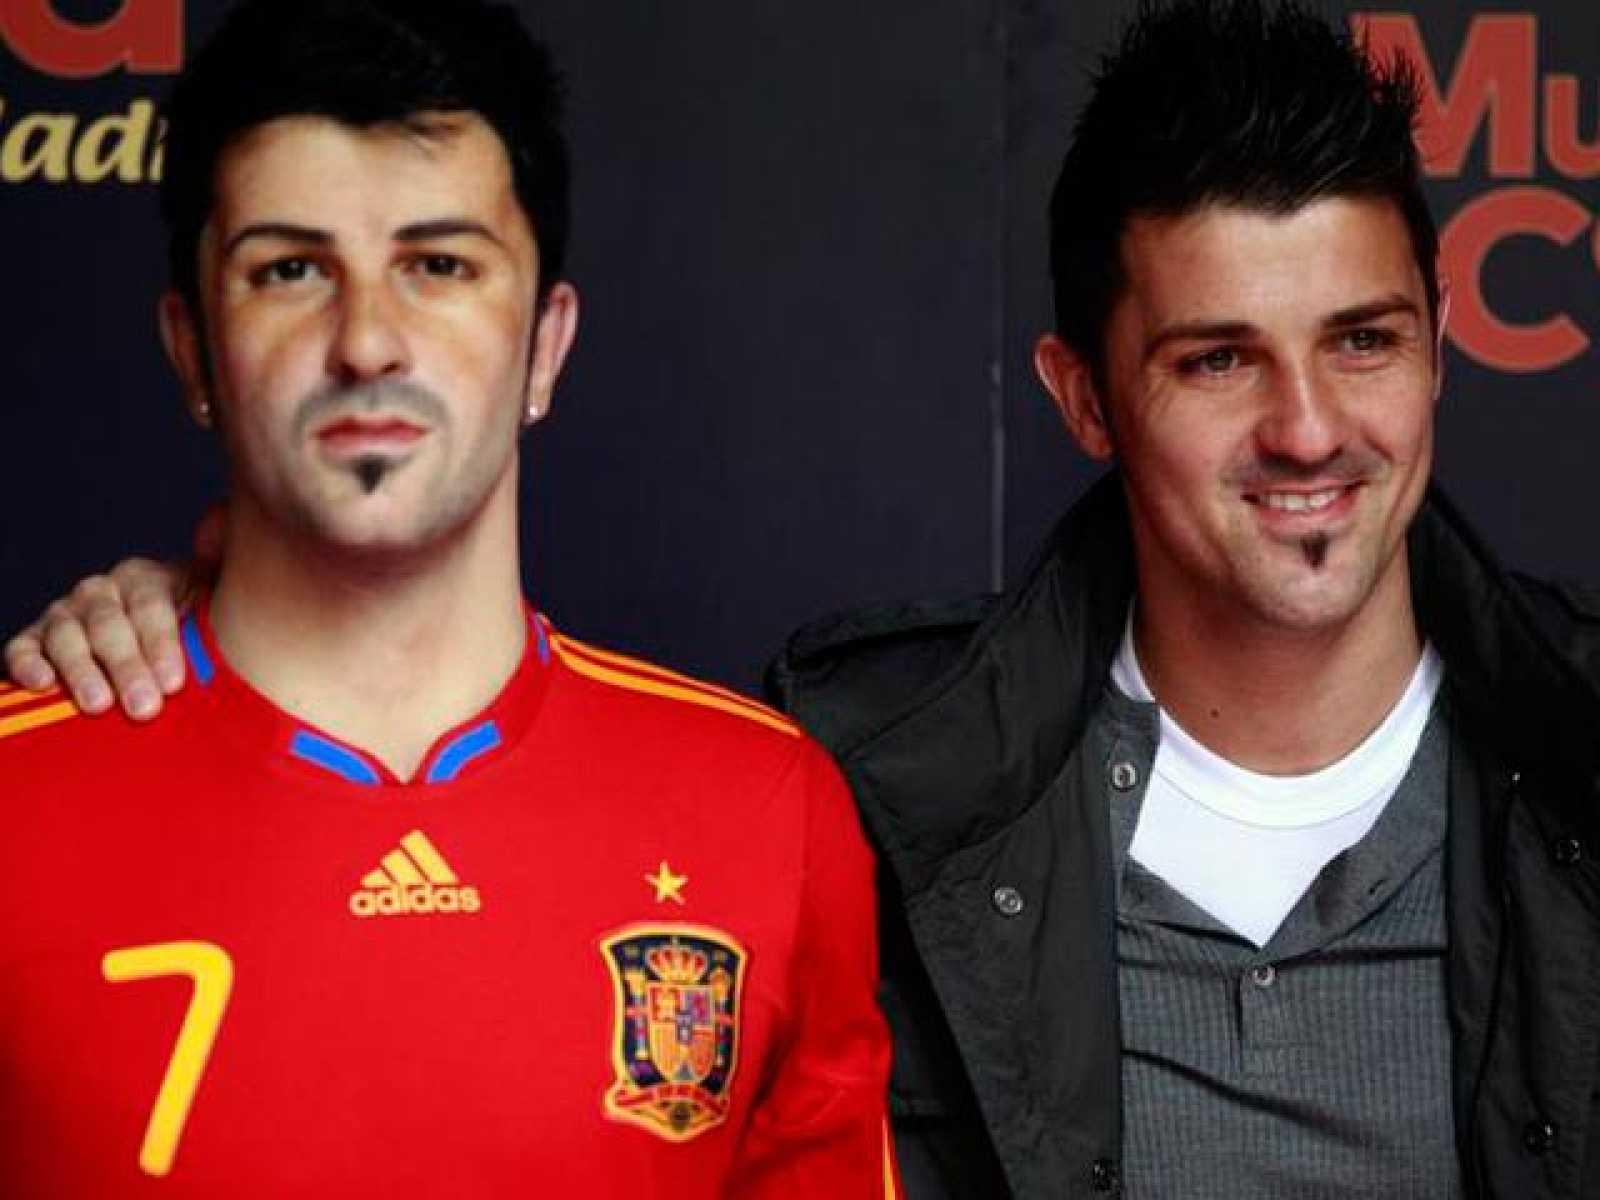 Los dos futbolistas han acudido a la inauguración de sus dobles de cera en Madrid para después integrarse en la concentración de la selección española, que prepara su próximo compromiso contra la República Checa